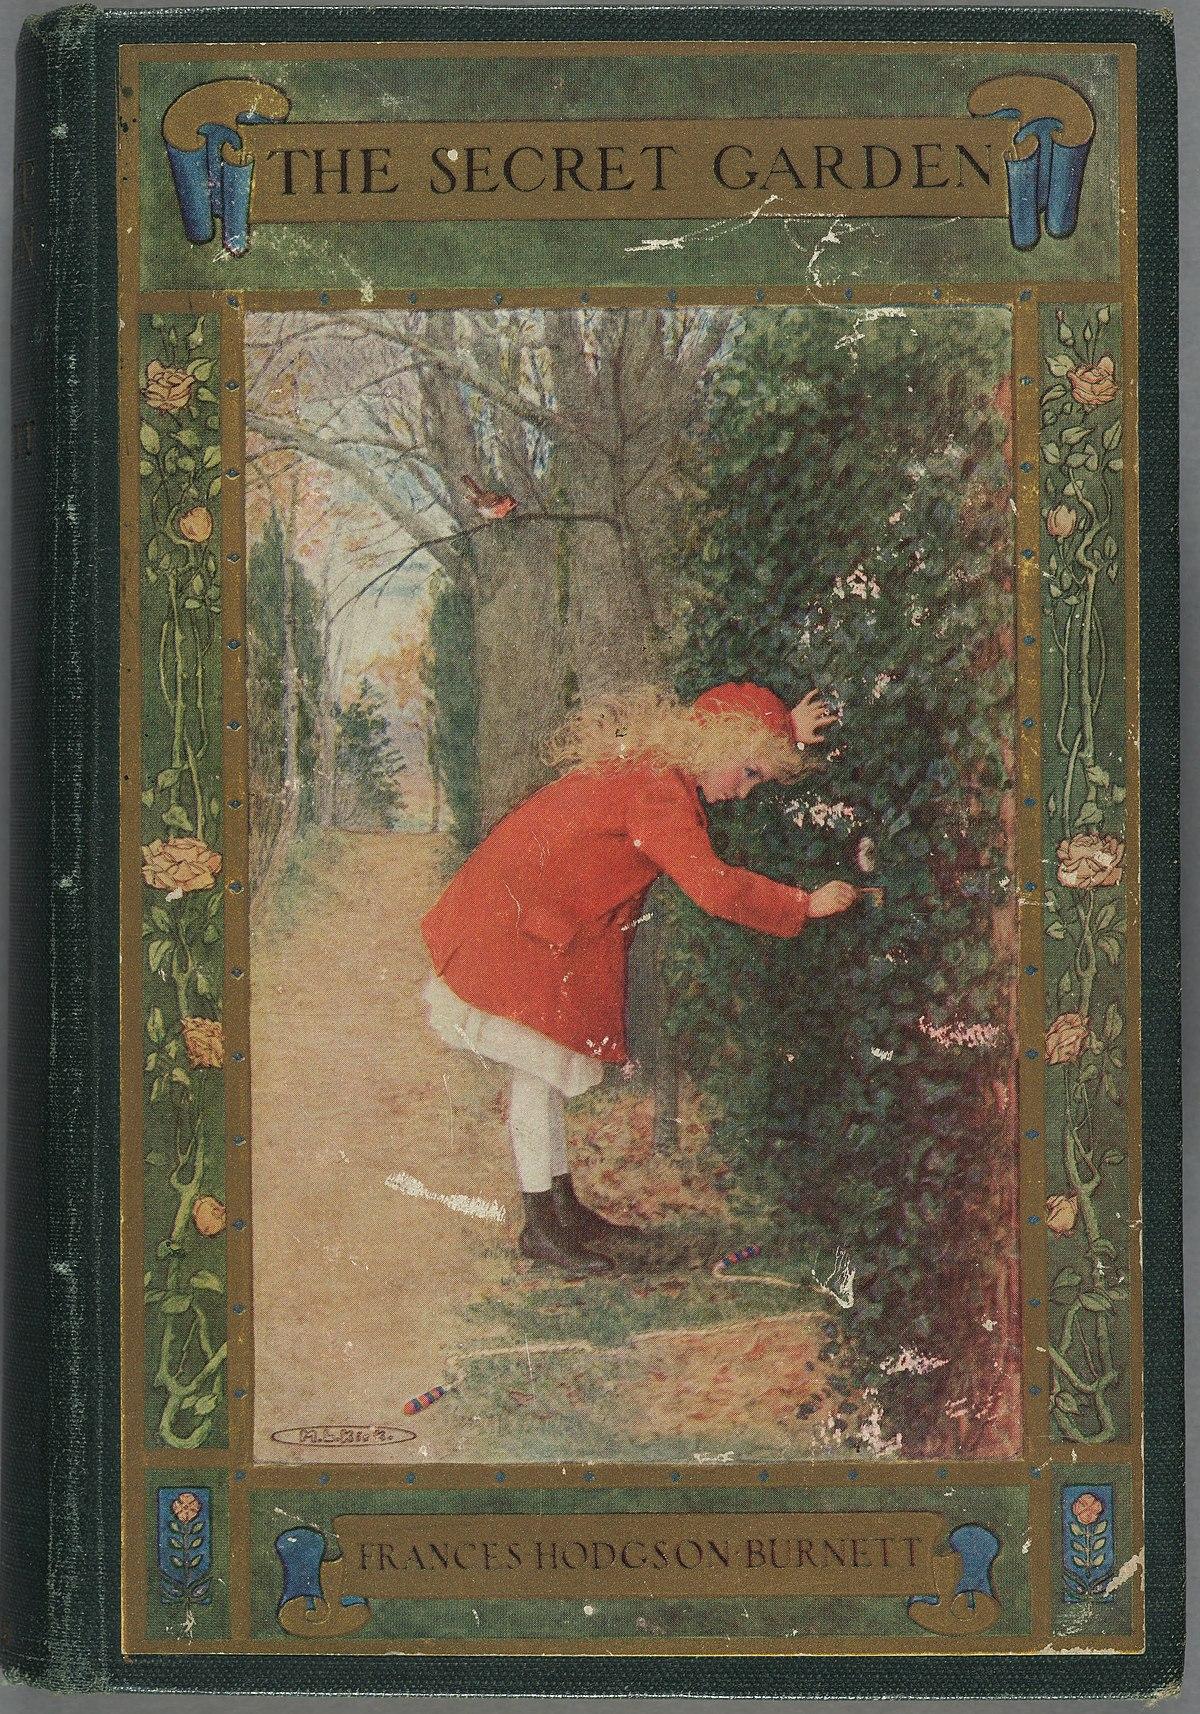 Capa da edição estadunidense de O jardim secreto.